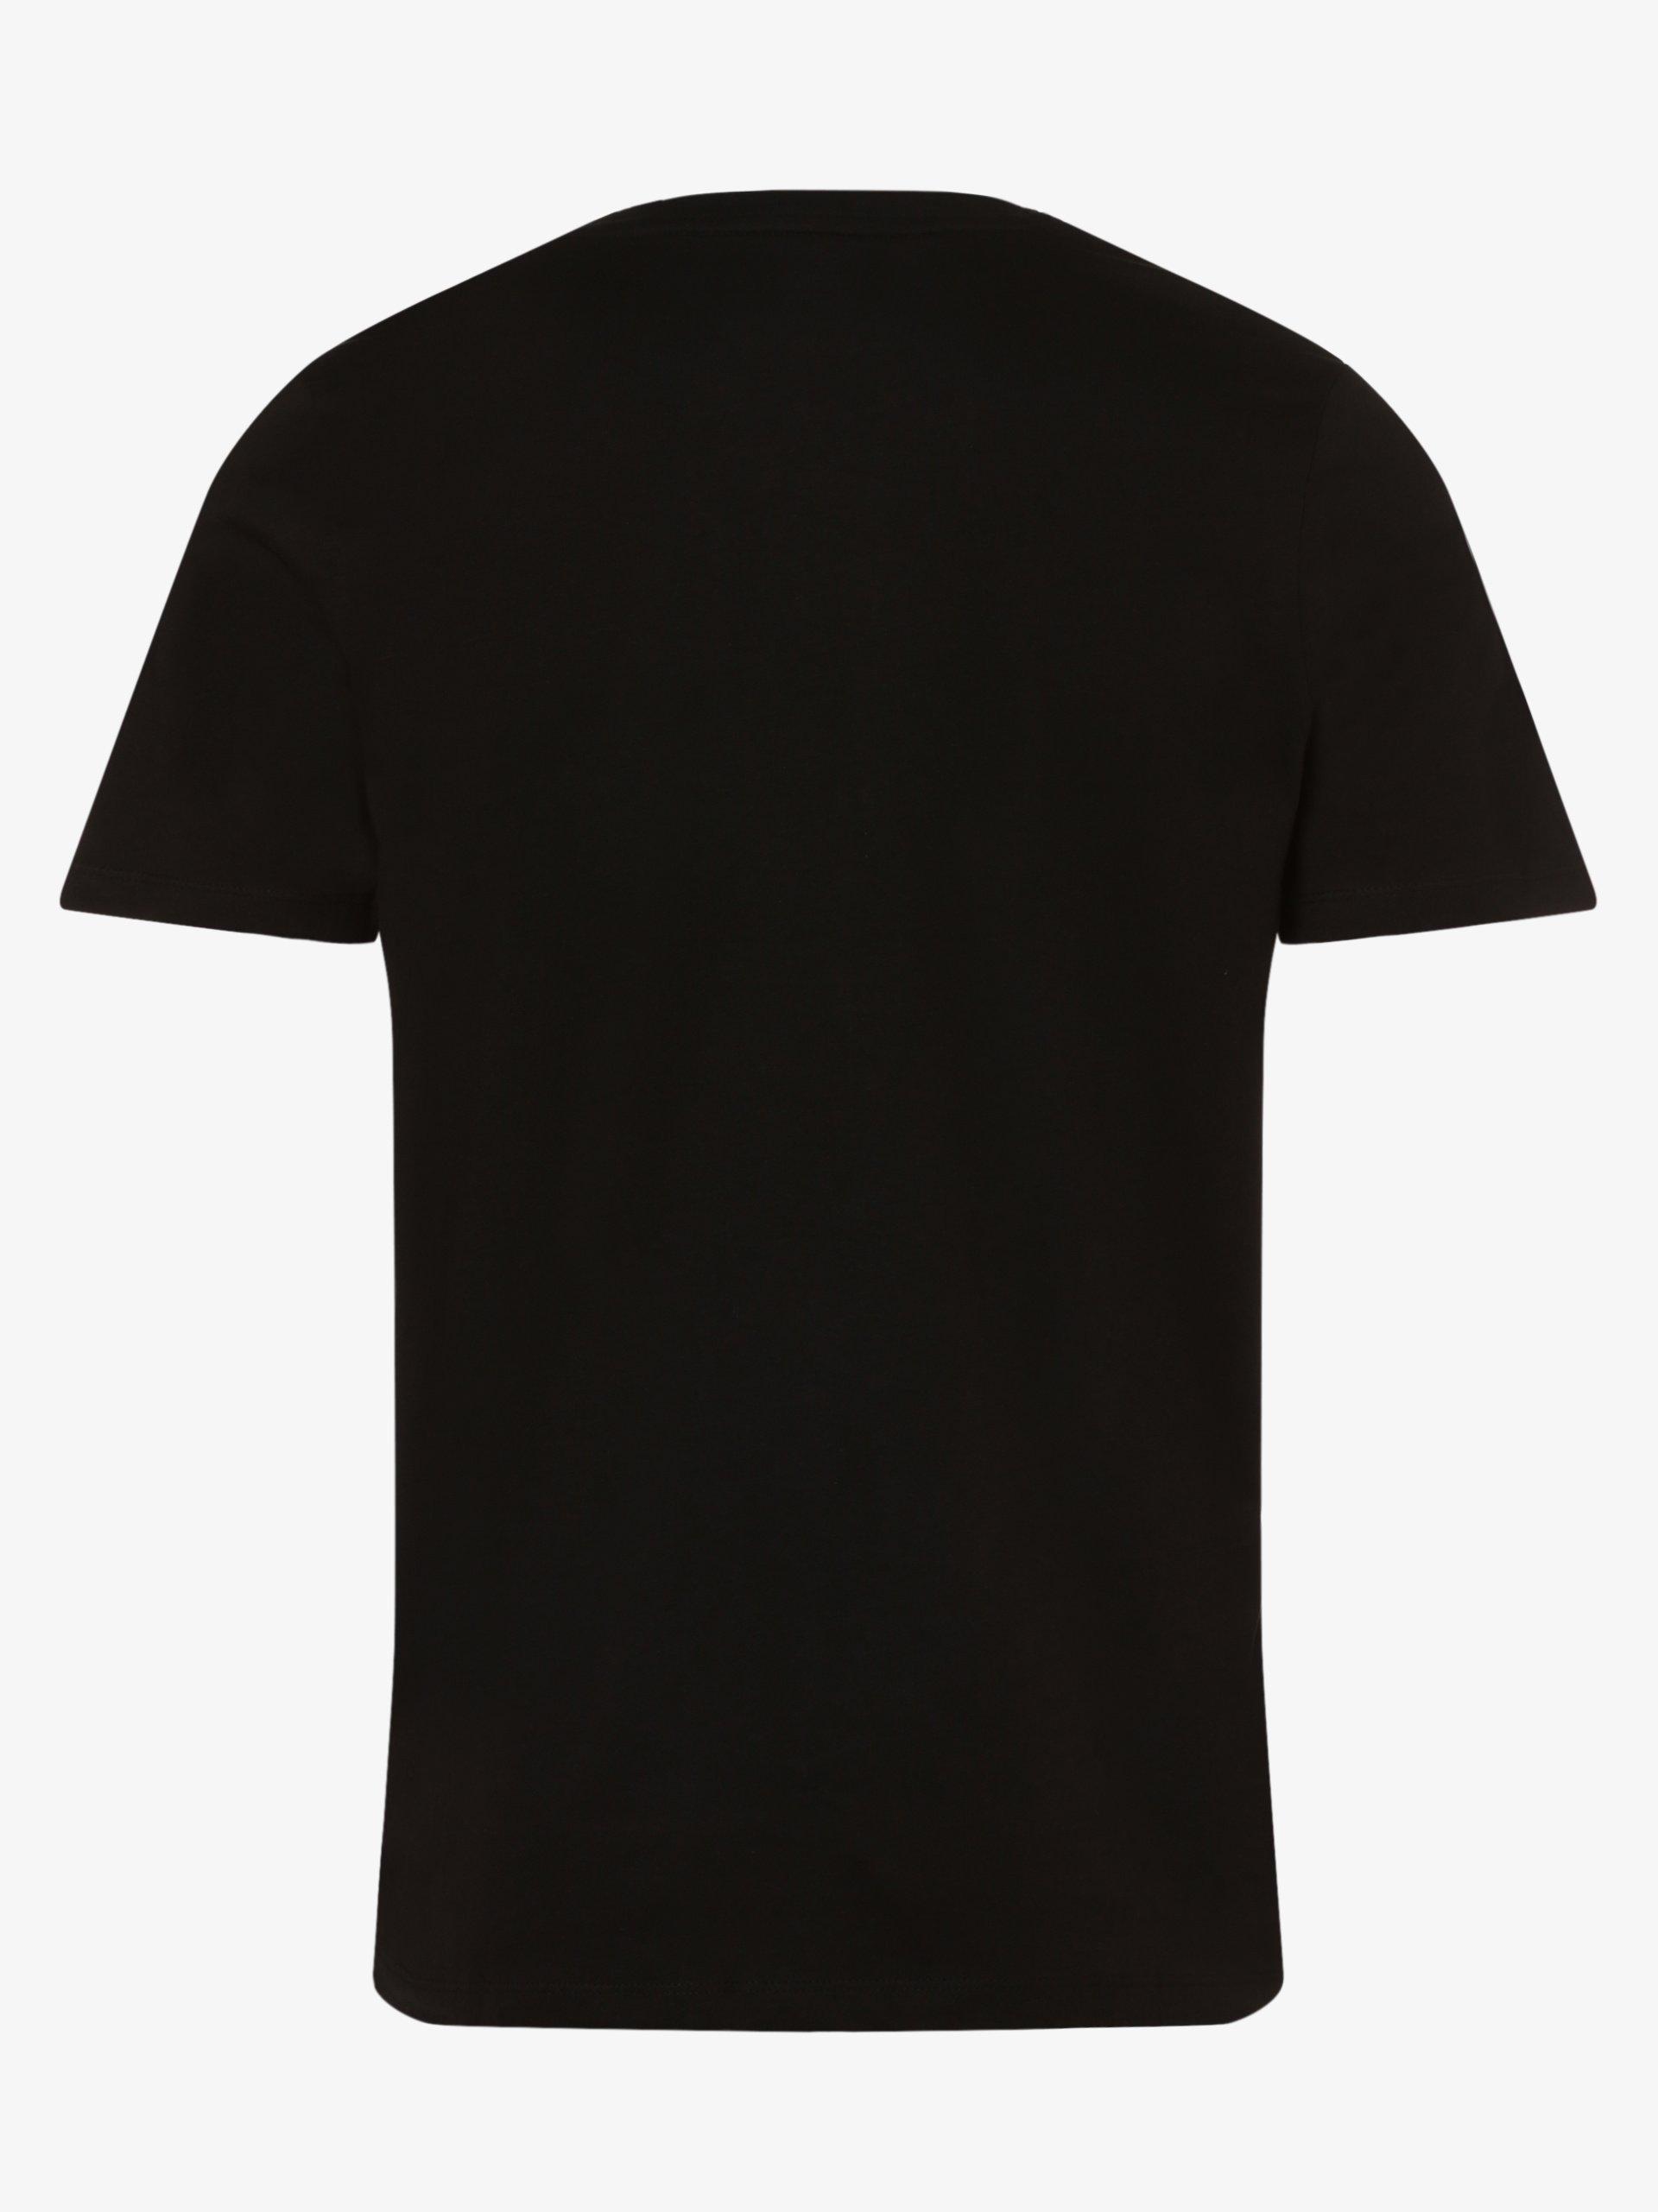 Jack & Jones Herren T-Shirt - Jcotoby